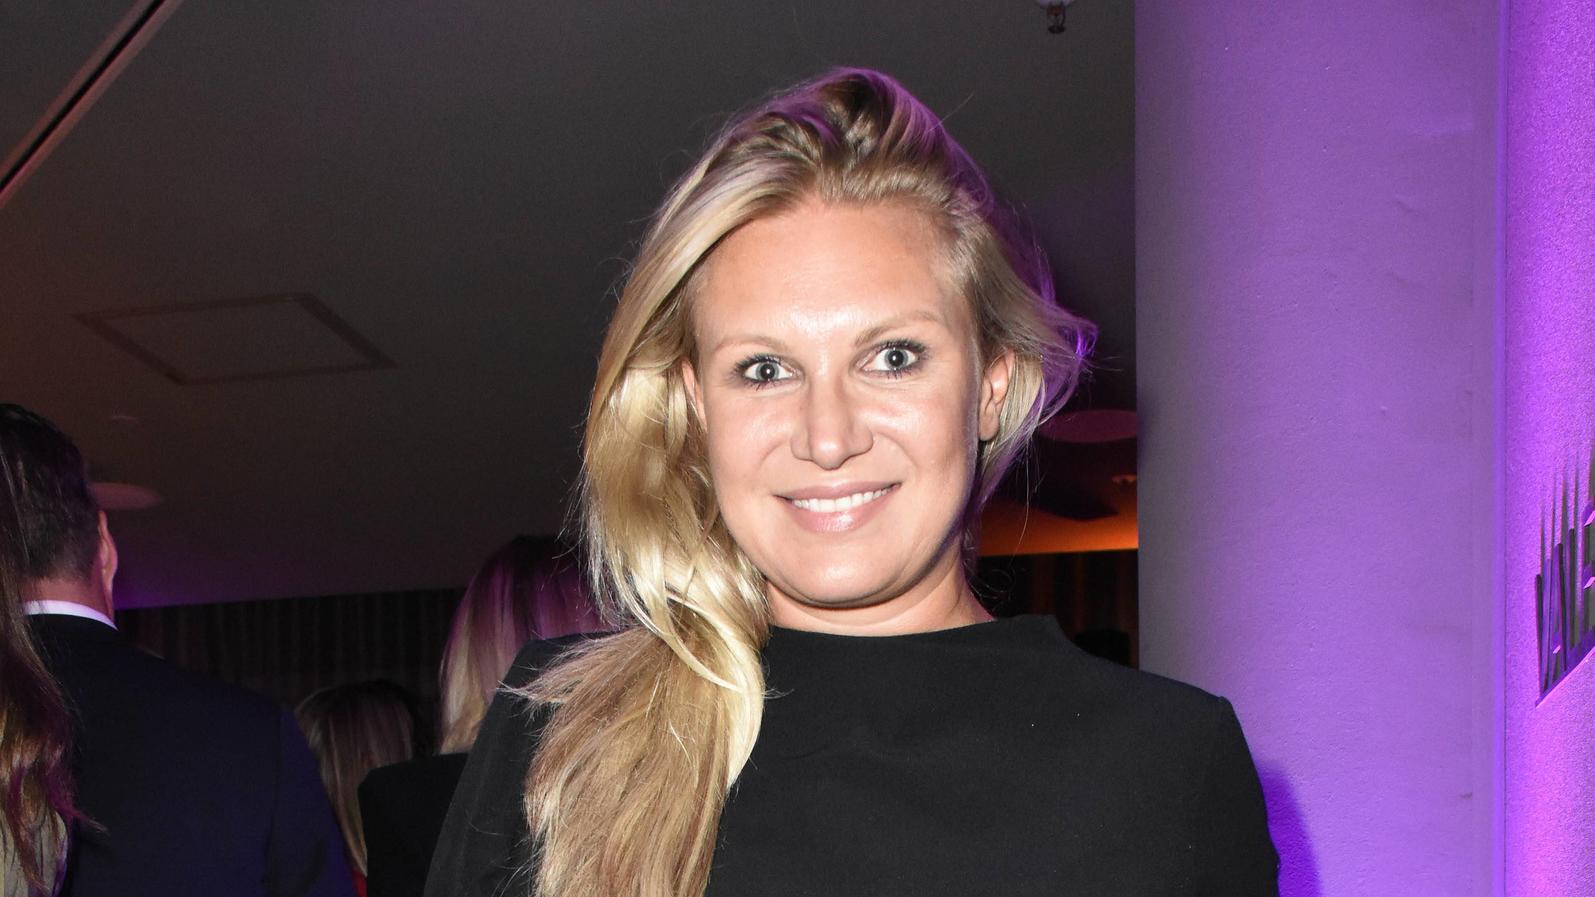 Freut sich Magdalena Brzeska bald über ein drittes Baby?